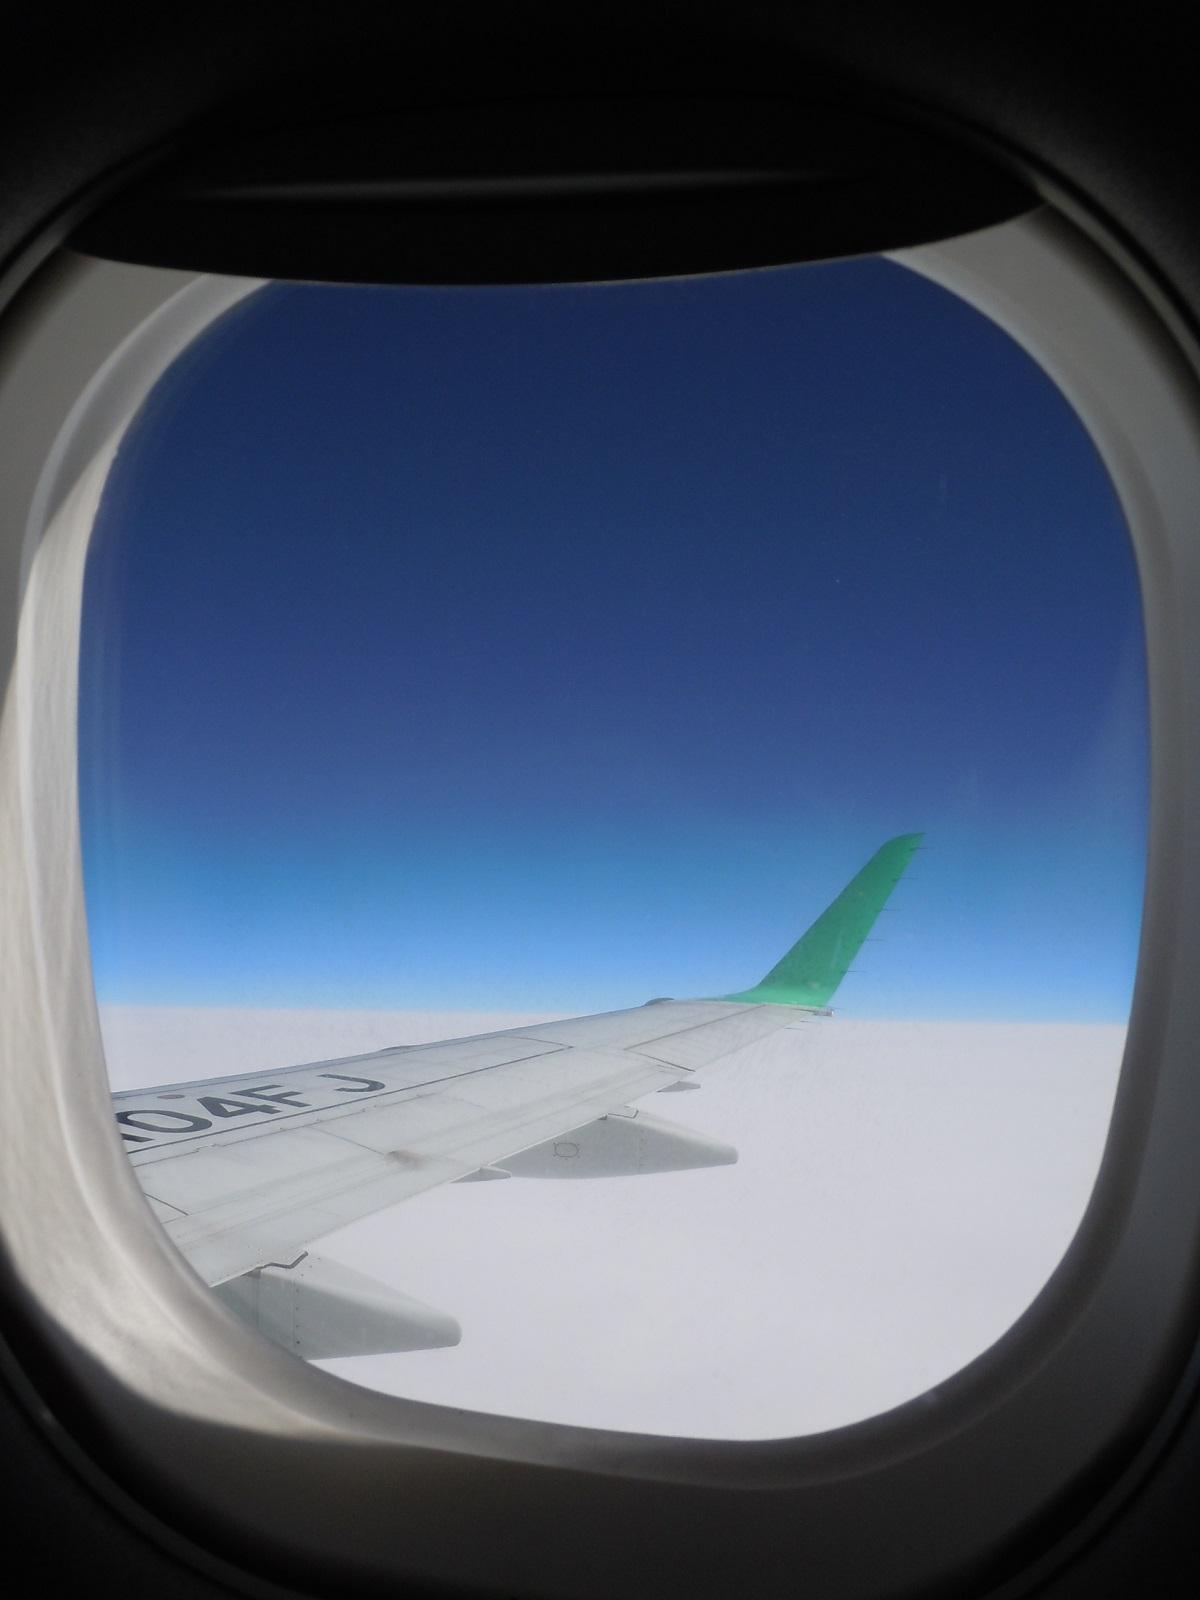 E170型機の大きな窓から見た景色